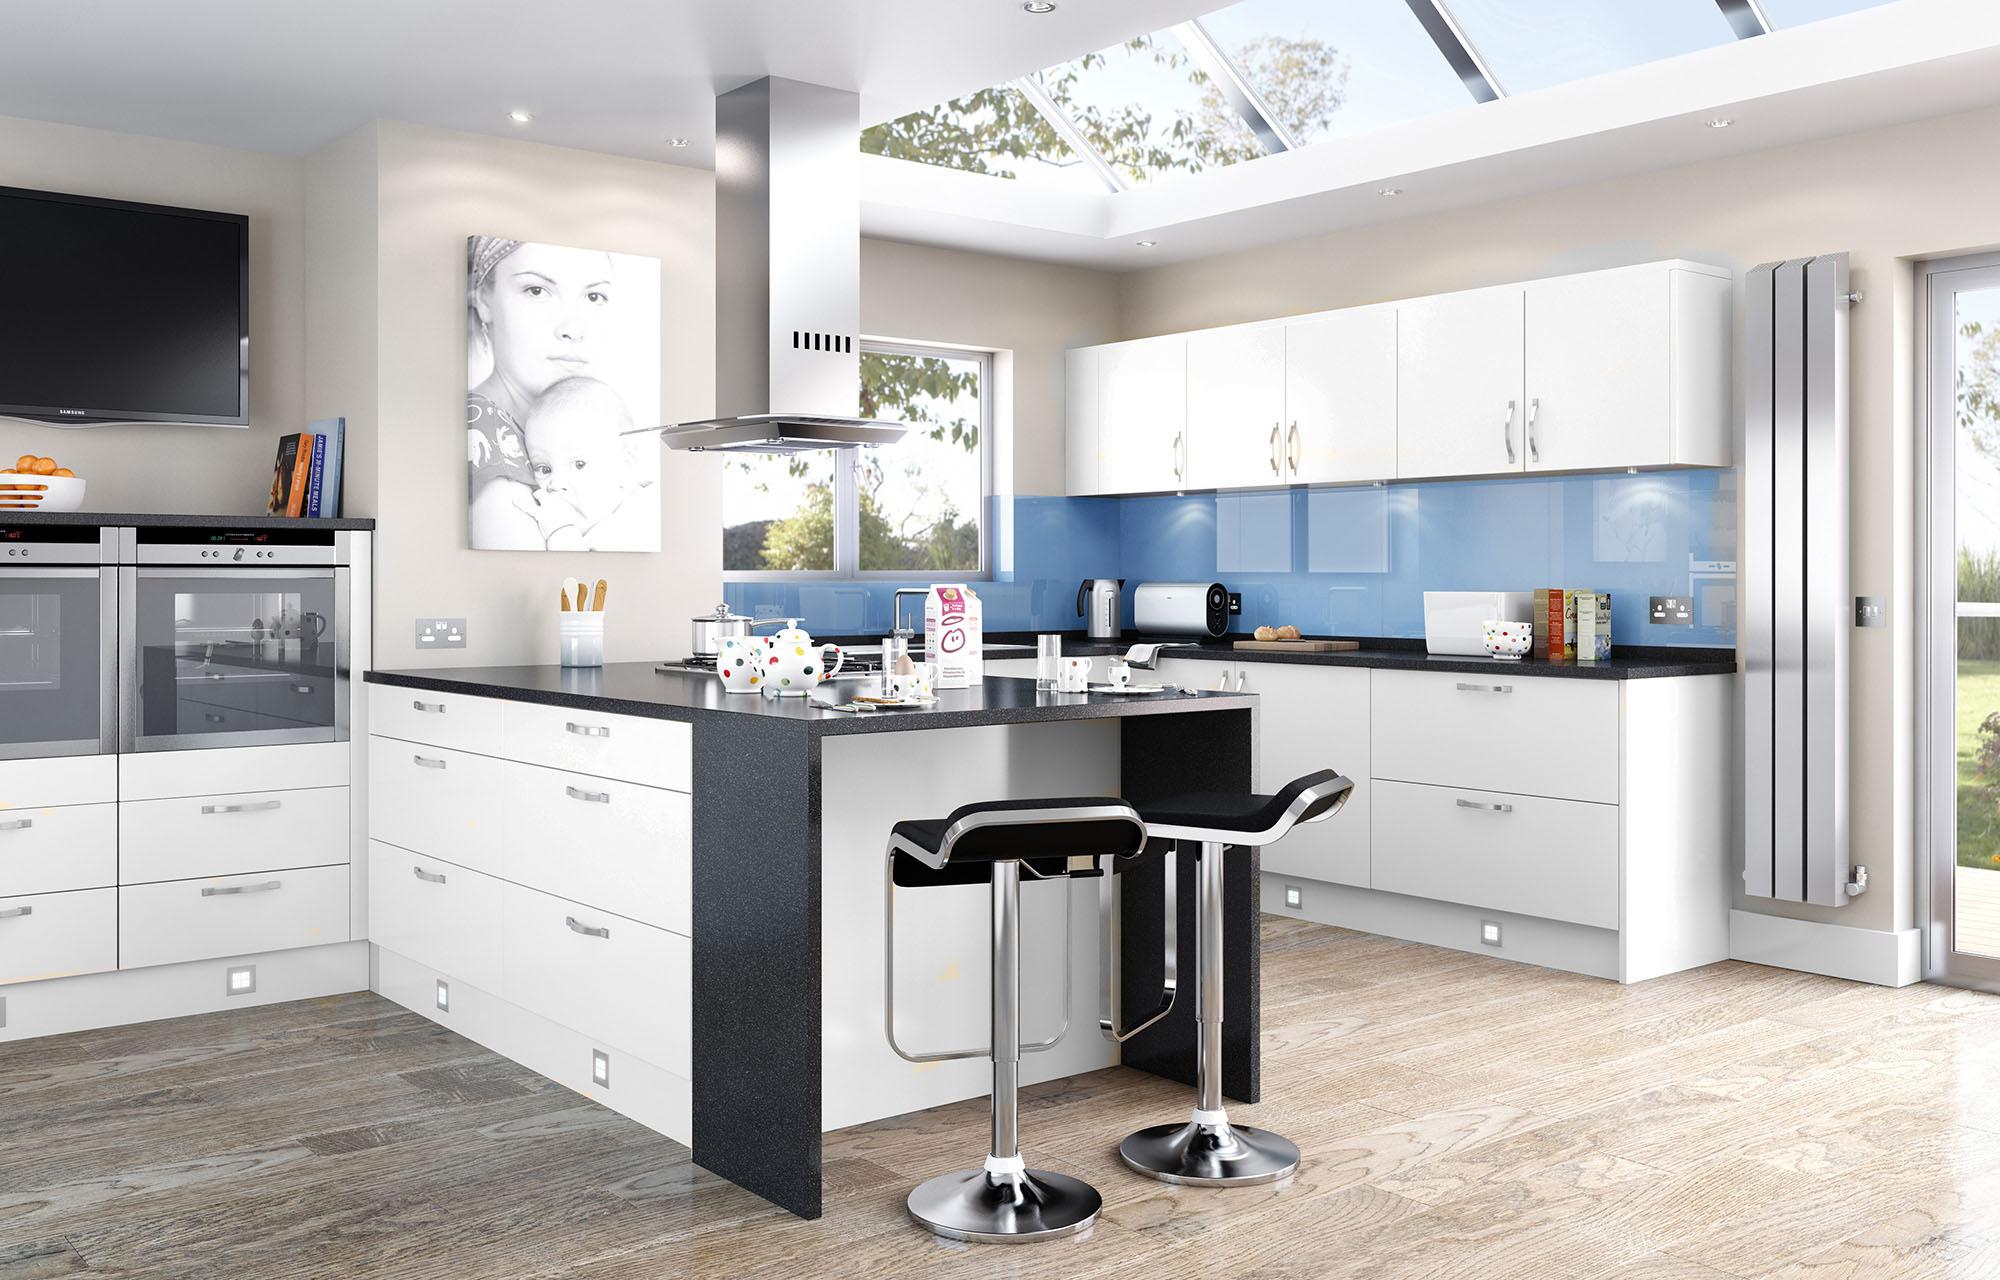 Дизайн интерьера кухни в маленьком пространстве